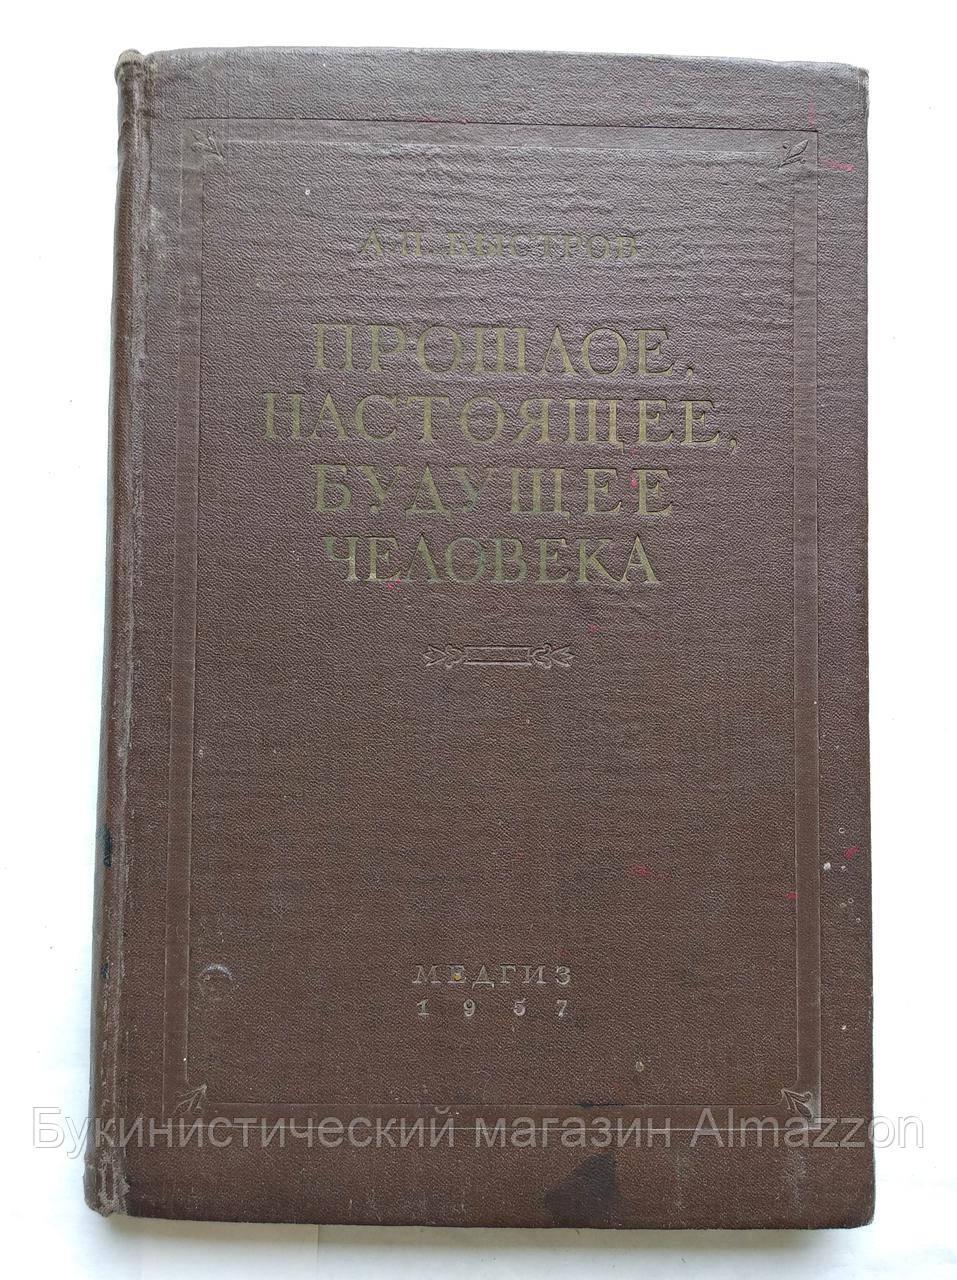 А.Быстров Прошлое, настоящее, будущее человека  Медгиз. 1957 год